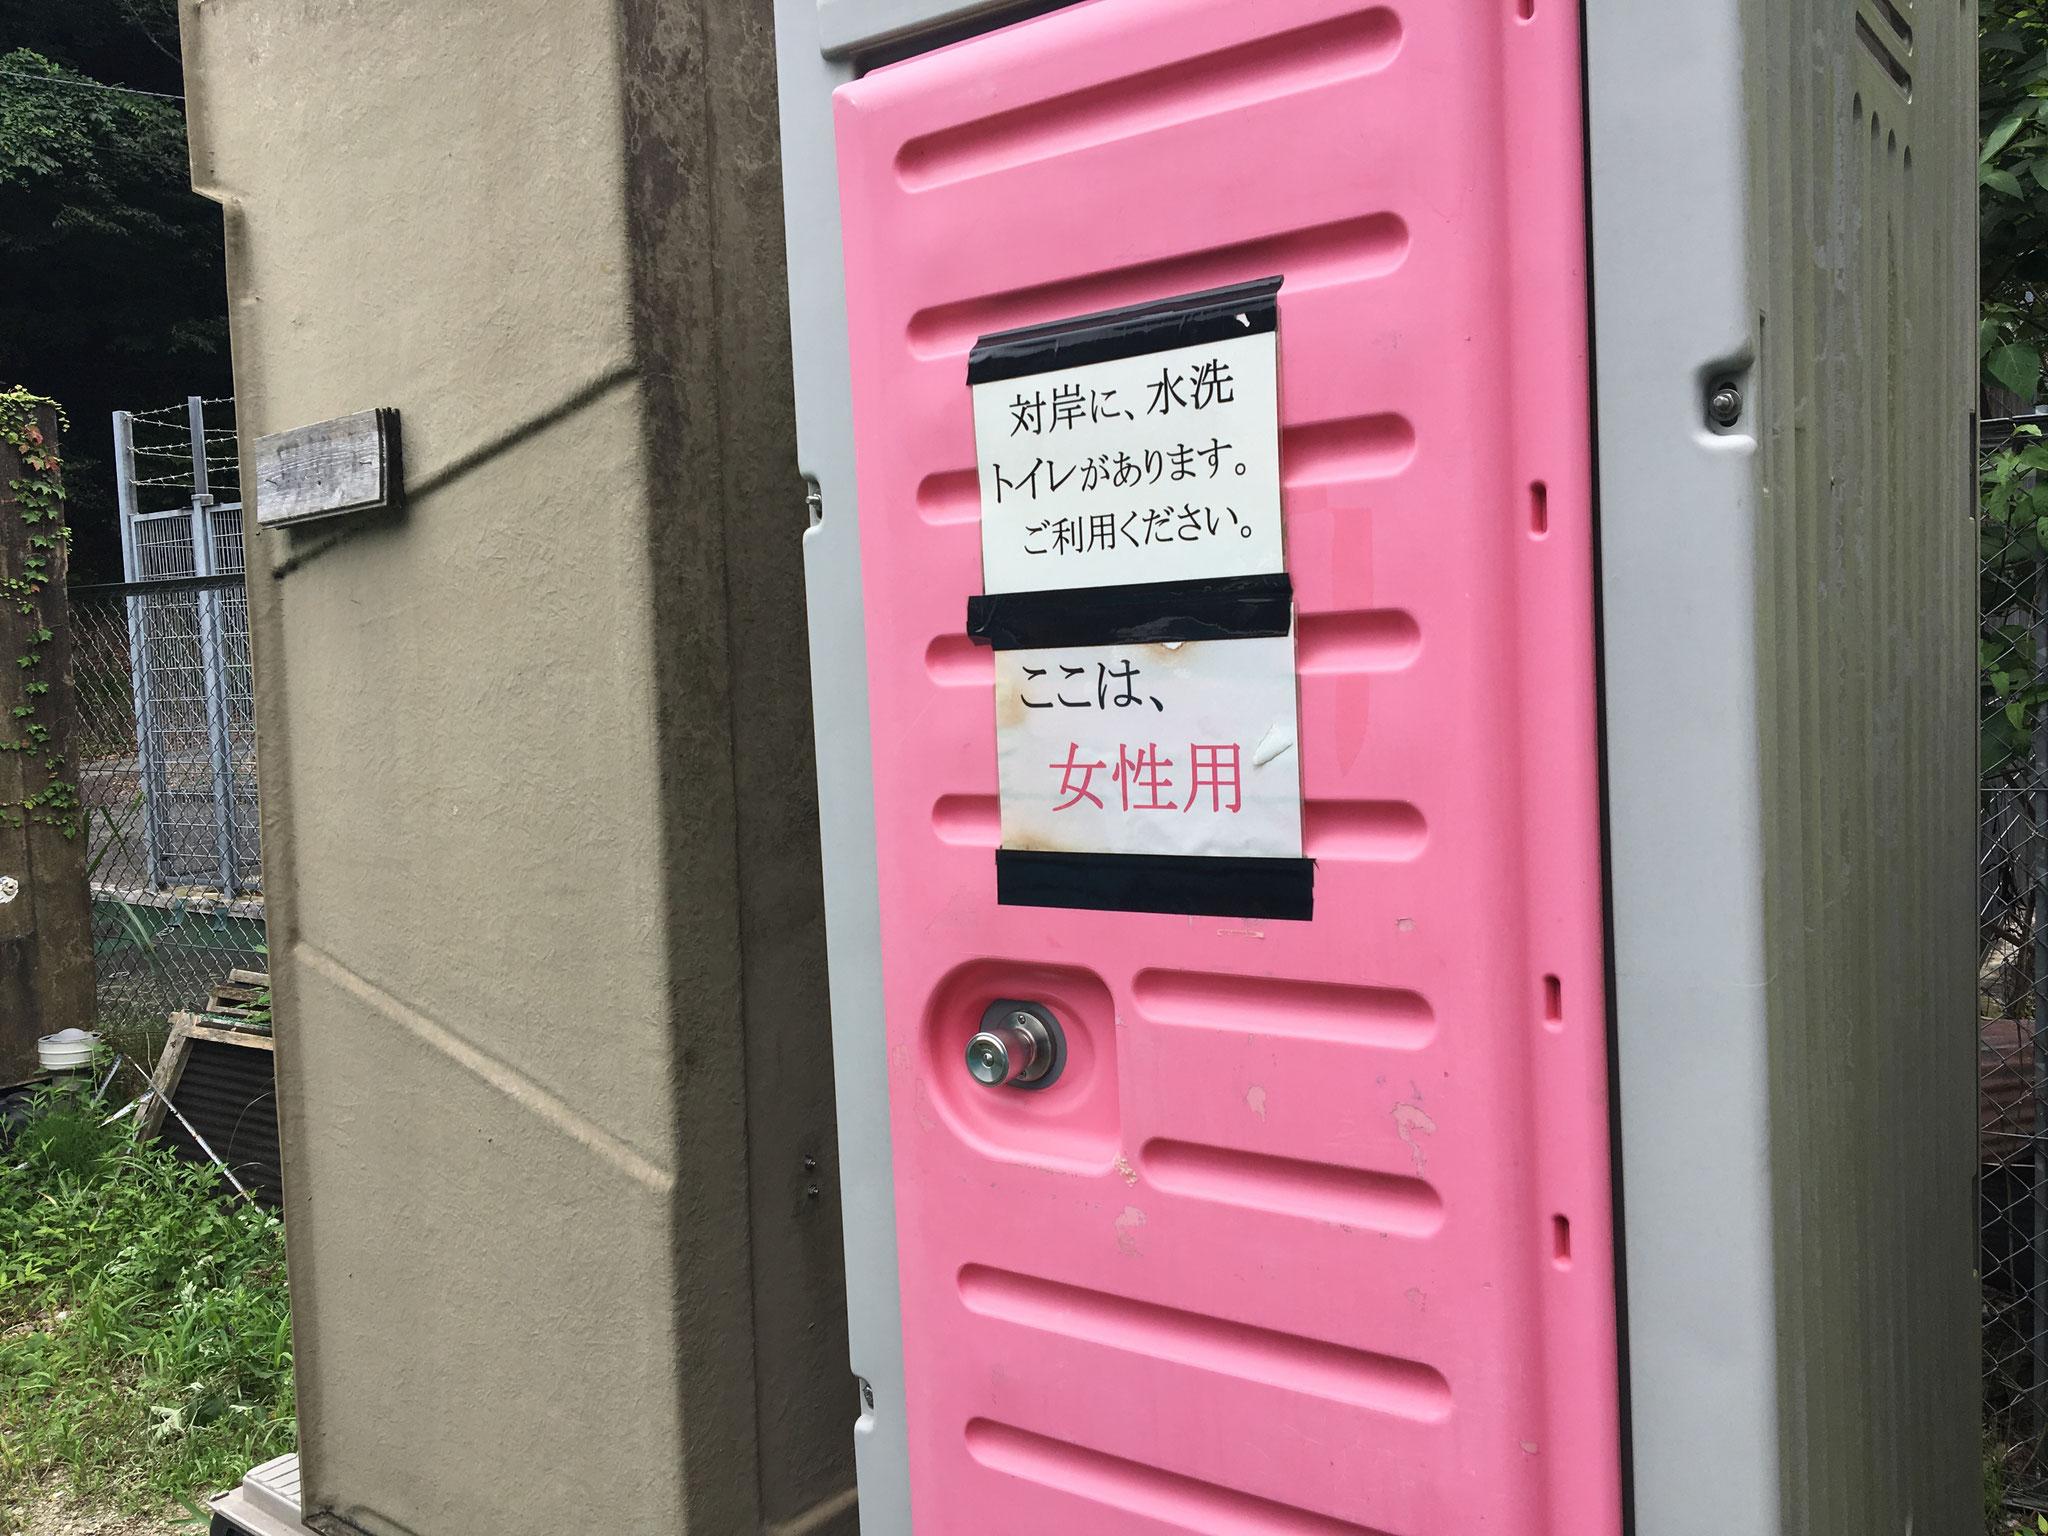 汲み取り式トイレ(BBQエリア横)